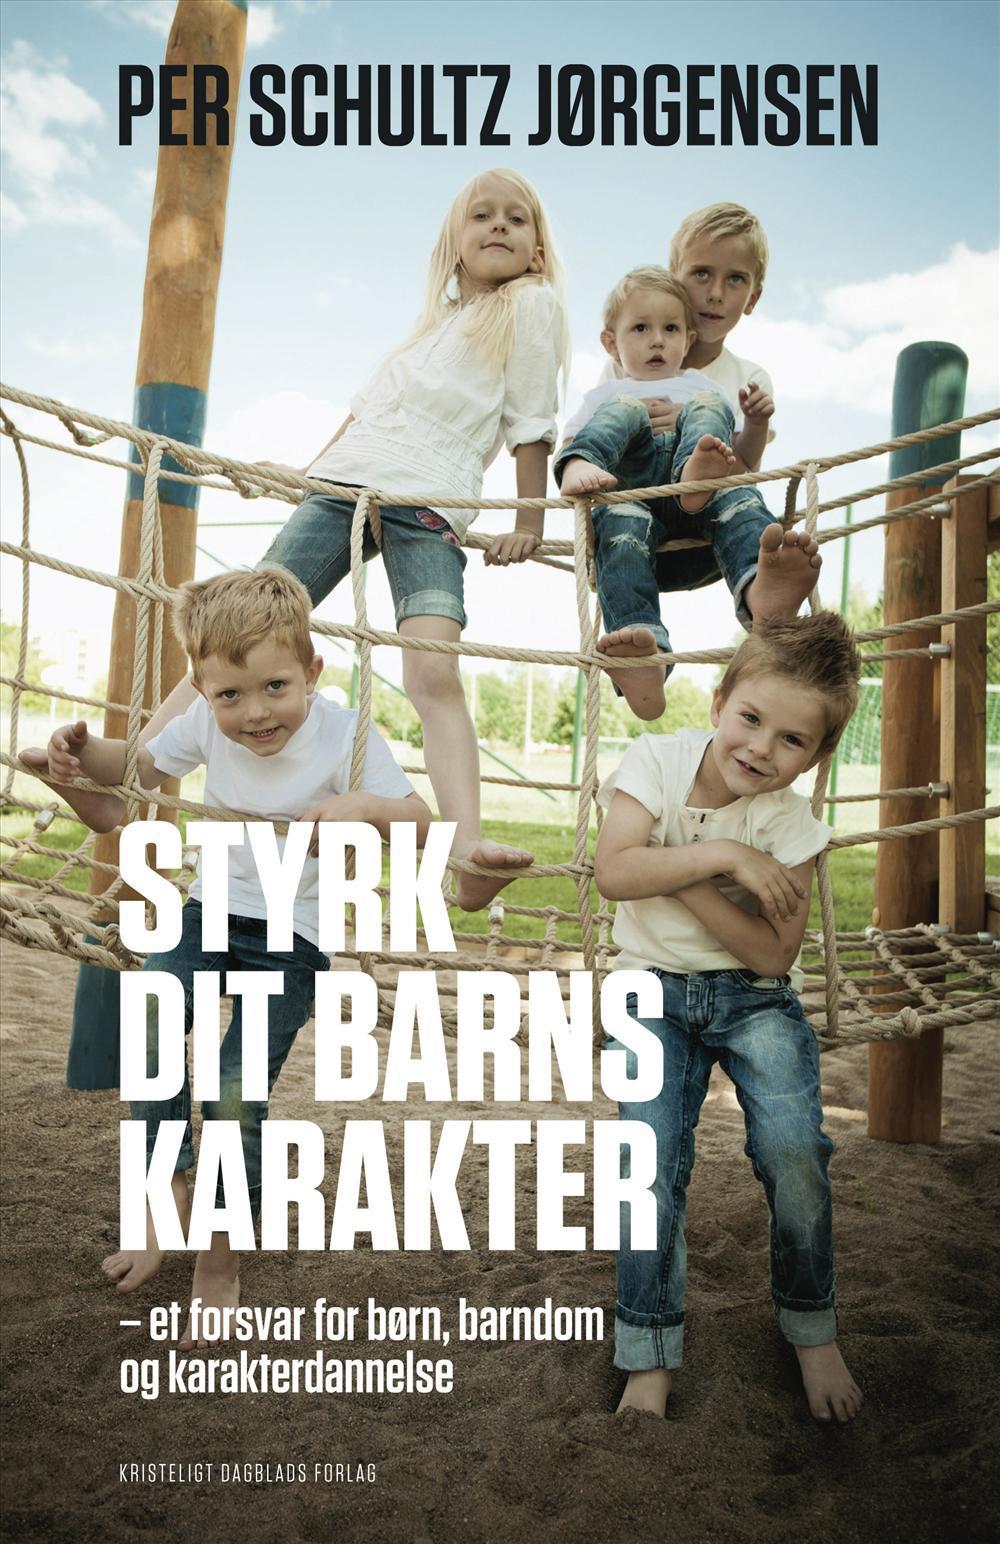 Styrk dit barns karakter - Per Schultz Jørgensen - Bøger - Kristeligt Dagblads Forlag - 9788774671466 - March 14, 2014